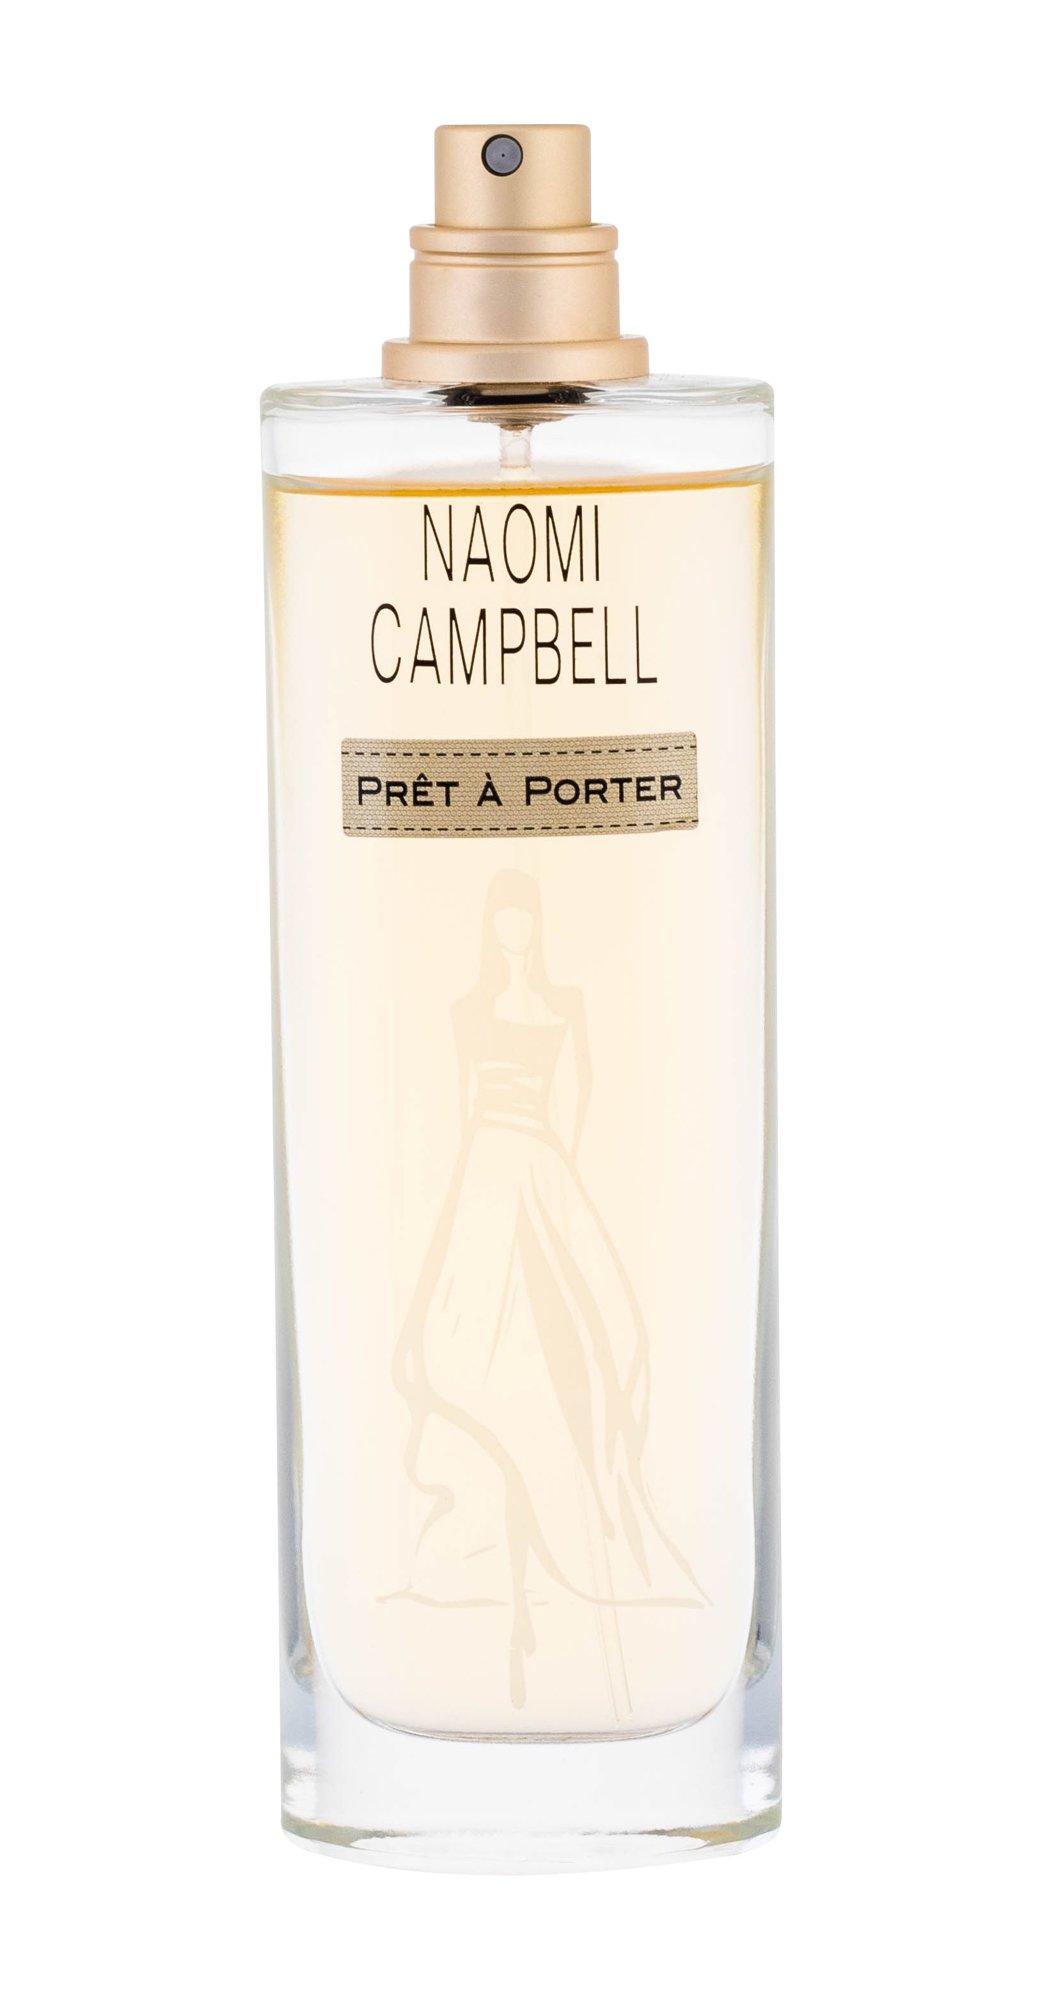 Naomi Campbell Pret a Porter Eau de Toilette 50ml